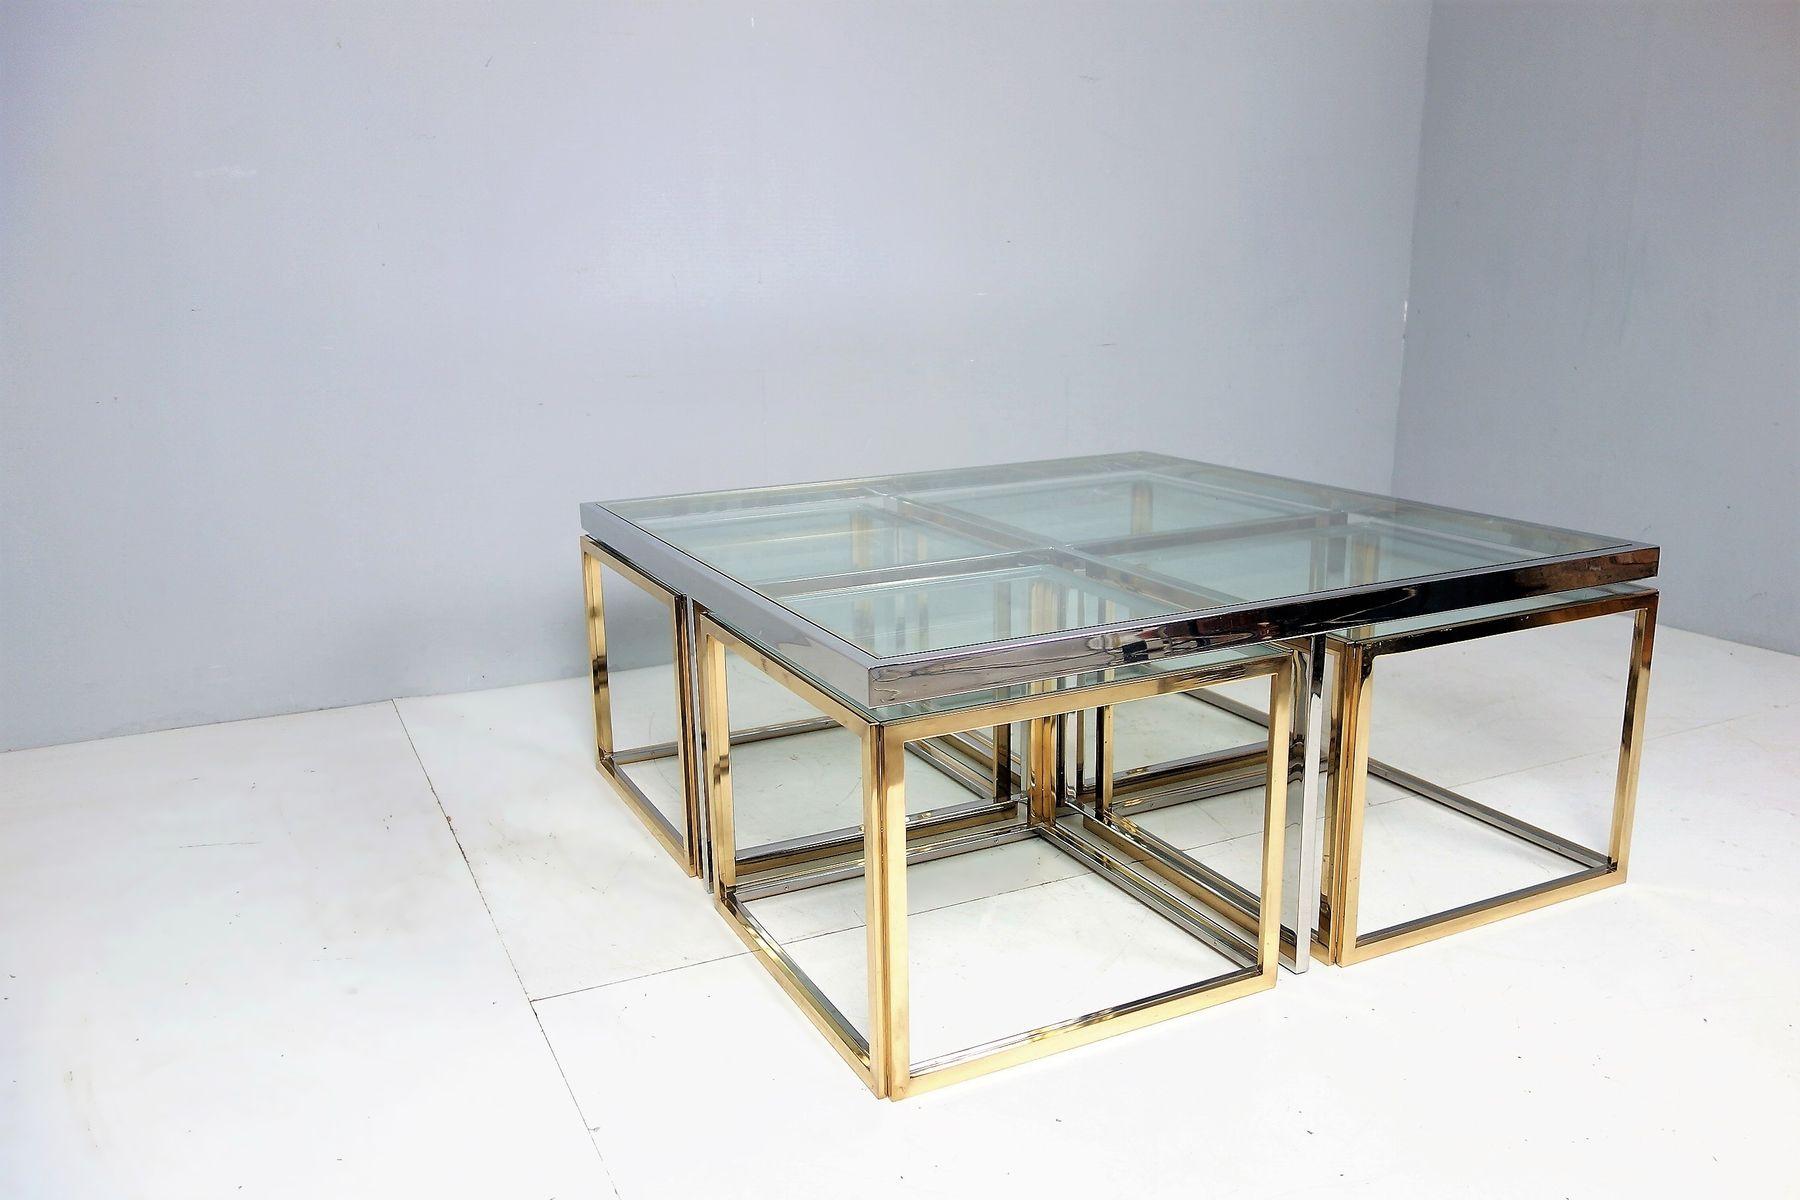 gro er vintage couchtisch mit satztischen von maison. Black Bedroom Furniture Sets. Home Design Ideas